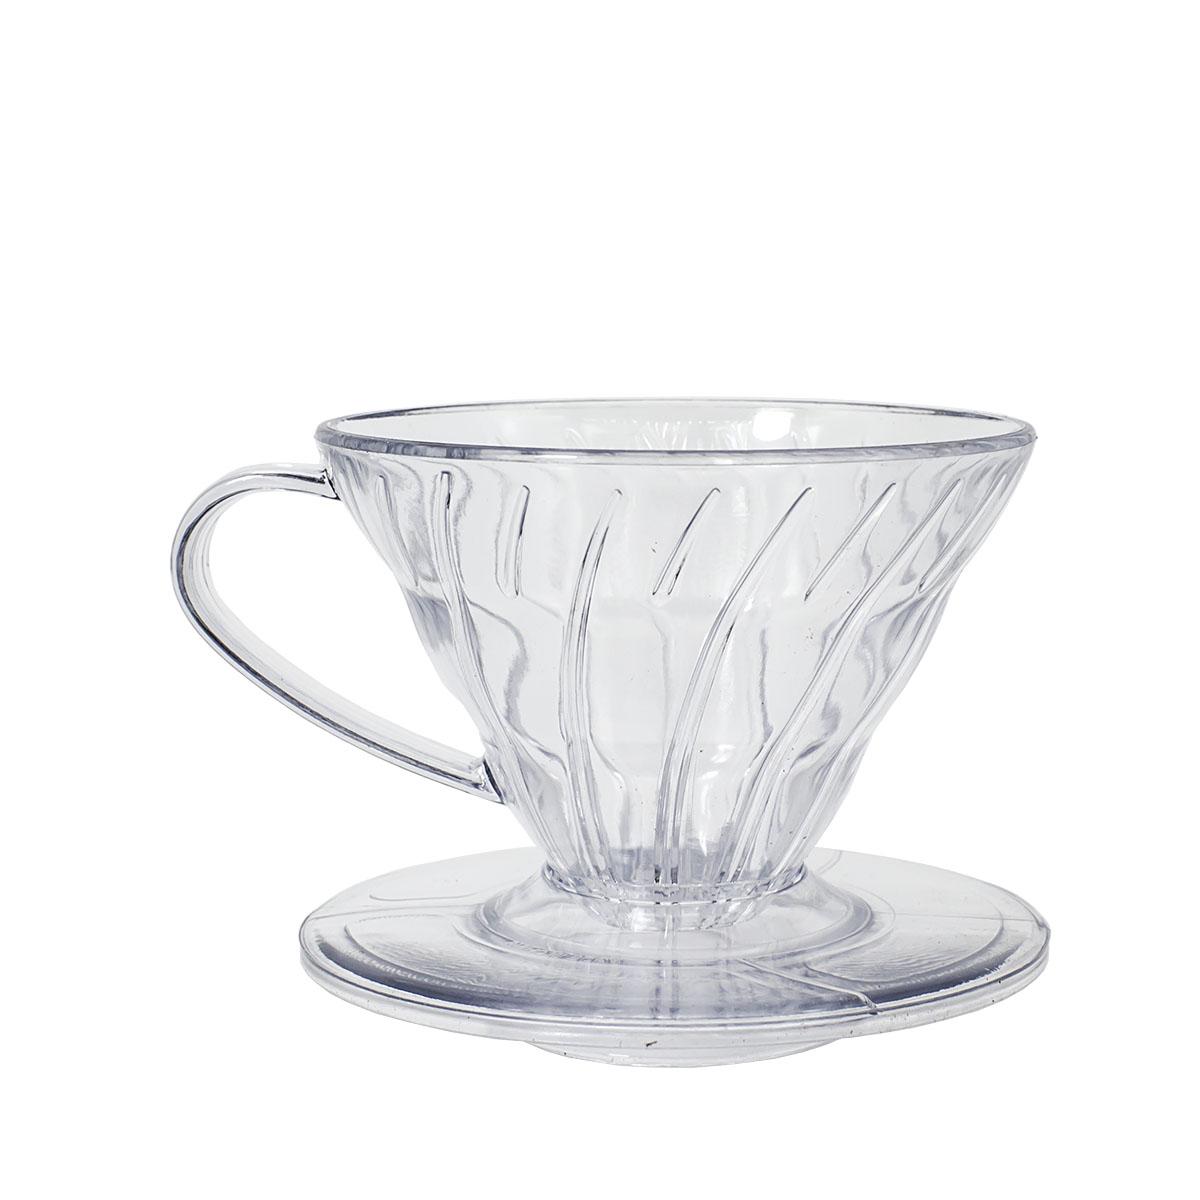 Воронка для приготовления кофе, 9 см